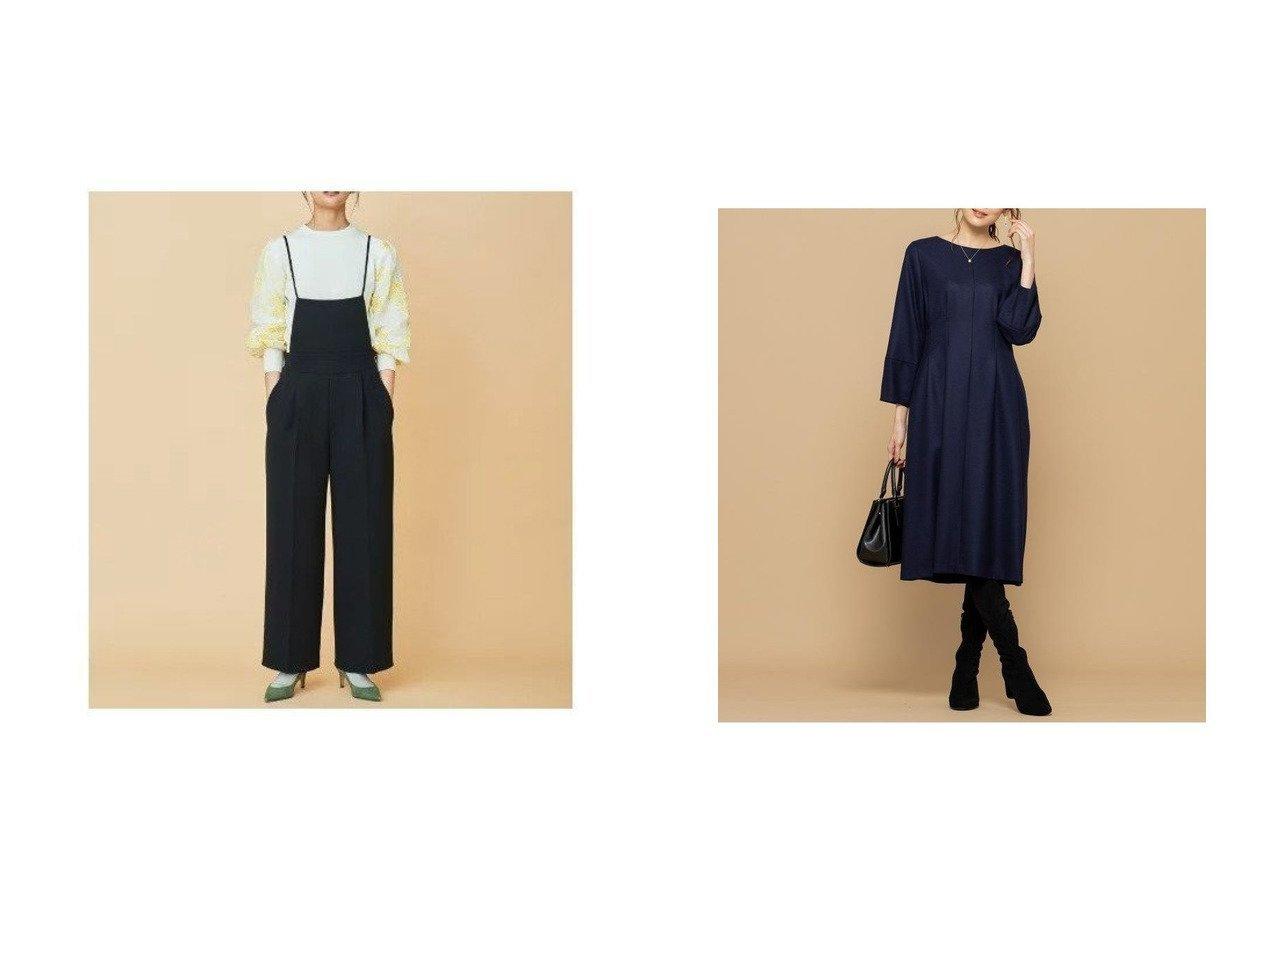 【KUMIKYOKU/組曲】のウールソフトジョーゼット フレアワンピース&【Rythme KUMIKYOKU】TWO WAY サロペット 組曲のおすすめ!人気、トレンド・レディースファッションの通販 おすすめで人気の流行・トレンド、ファッションの通販商品 メンズファッション・キッズファッション・インテリア・家具・レディースファッション・服の通販 founy(ファニー) https://founy.com/ ファッション Fashion レディースファッション WOMEN ワンピース Dress オールインワン ワンピース All In One Dress サロペット Salopette 春 Spring コレクション サロペット ショルダー シンプル センター 人気 フラワー フランス モチーフ 2021年 2021 S/S 春夏 SS Spring/Summer 2021 春夏 S/S SS Spring/Summer 2021 今季 ジョーゼット ドレープ ファブリック フィット フォルム フレア A/W 秋冬 AW Autumn/Winter / FW Fall-Winter 2020年 2020 再入荷 Restock/Back in Stock/Re Arrival 2020-2021 秋冬 A/W AW Autumn/Winter / FW Fall-Winter 2020-2021 おすすめ Recommend |ID:crp329100000022355